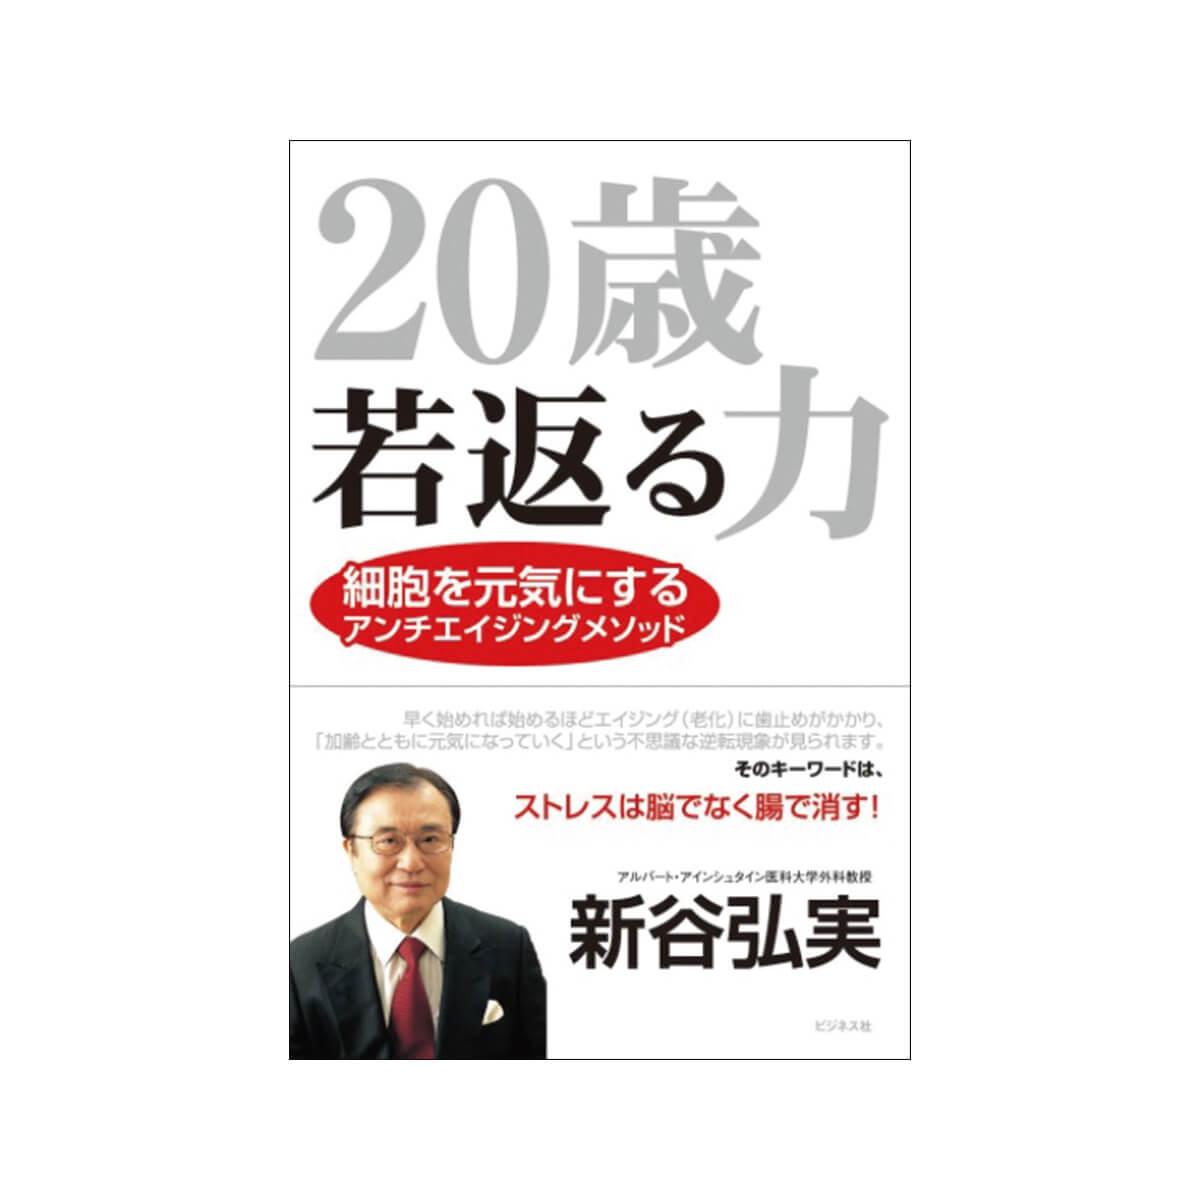 20歳若返る力 新谷弘実(発行:ビジネス社)